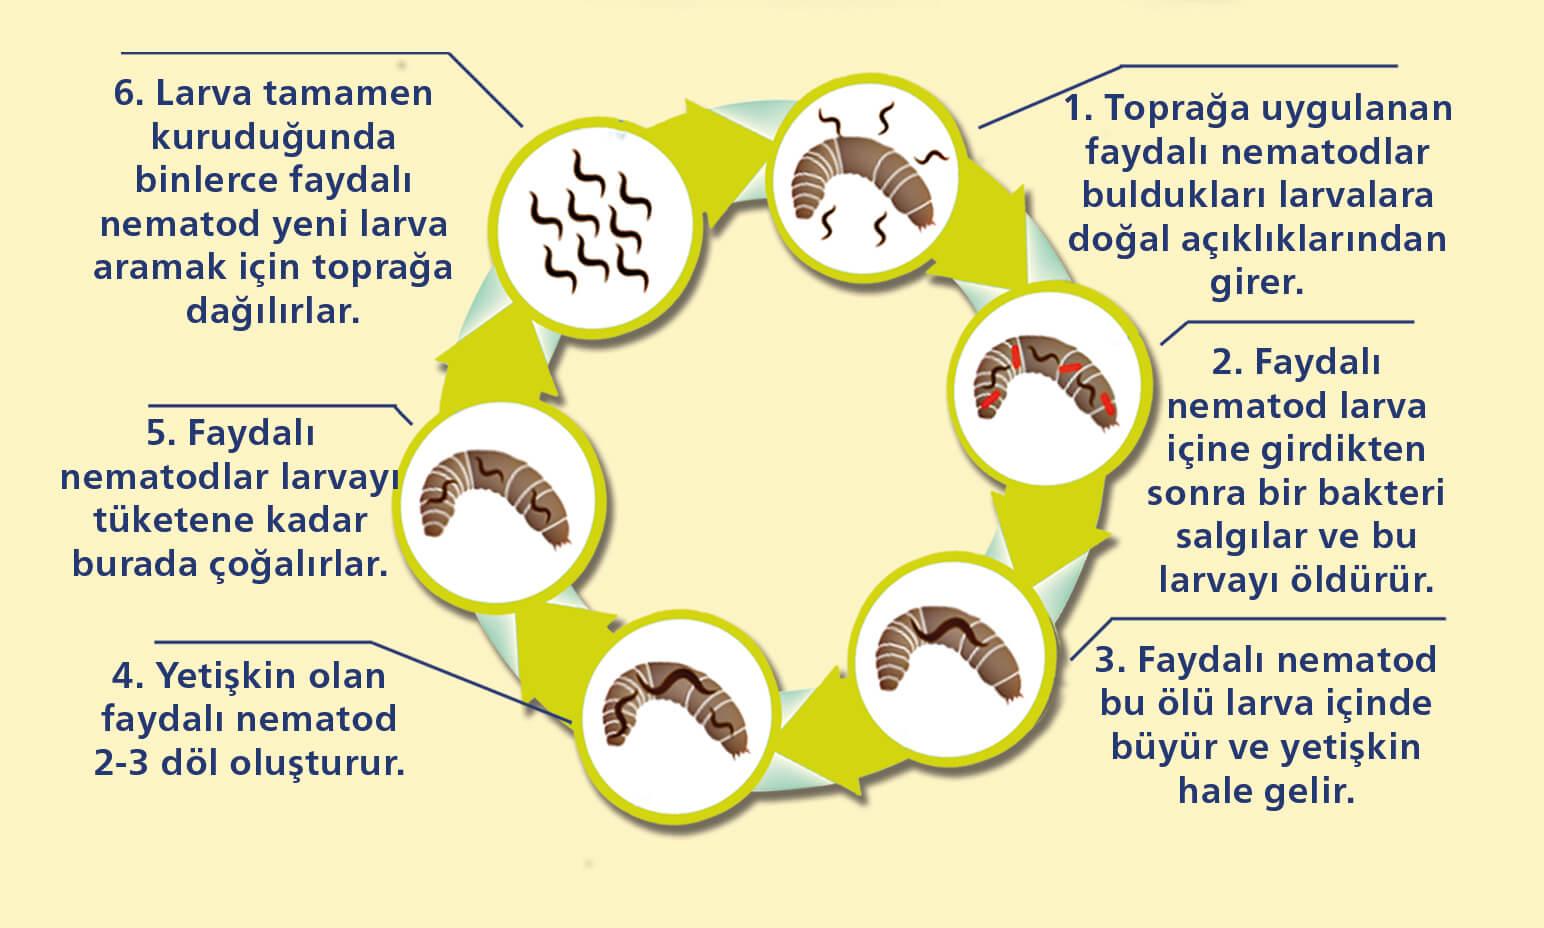 CAPSANEM'in Çalışma Prensibini GösterenDiagram